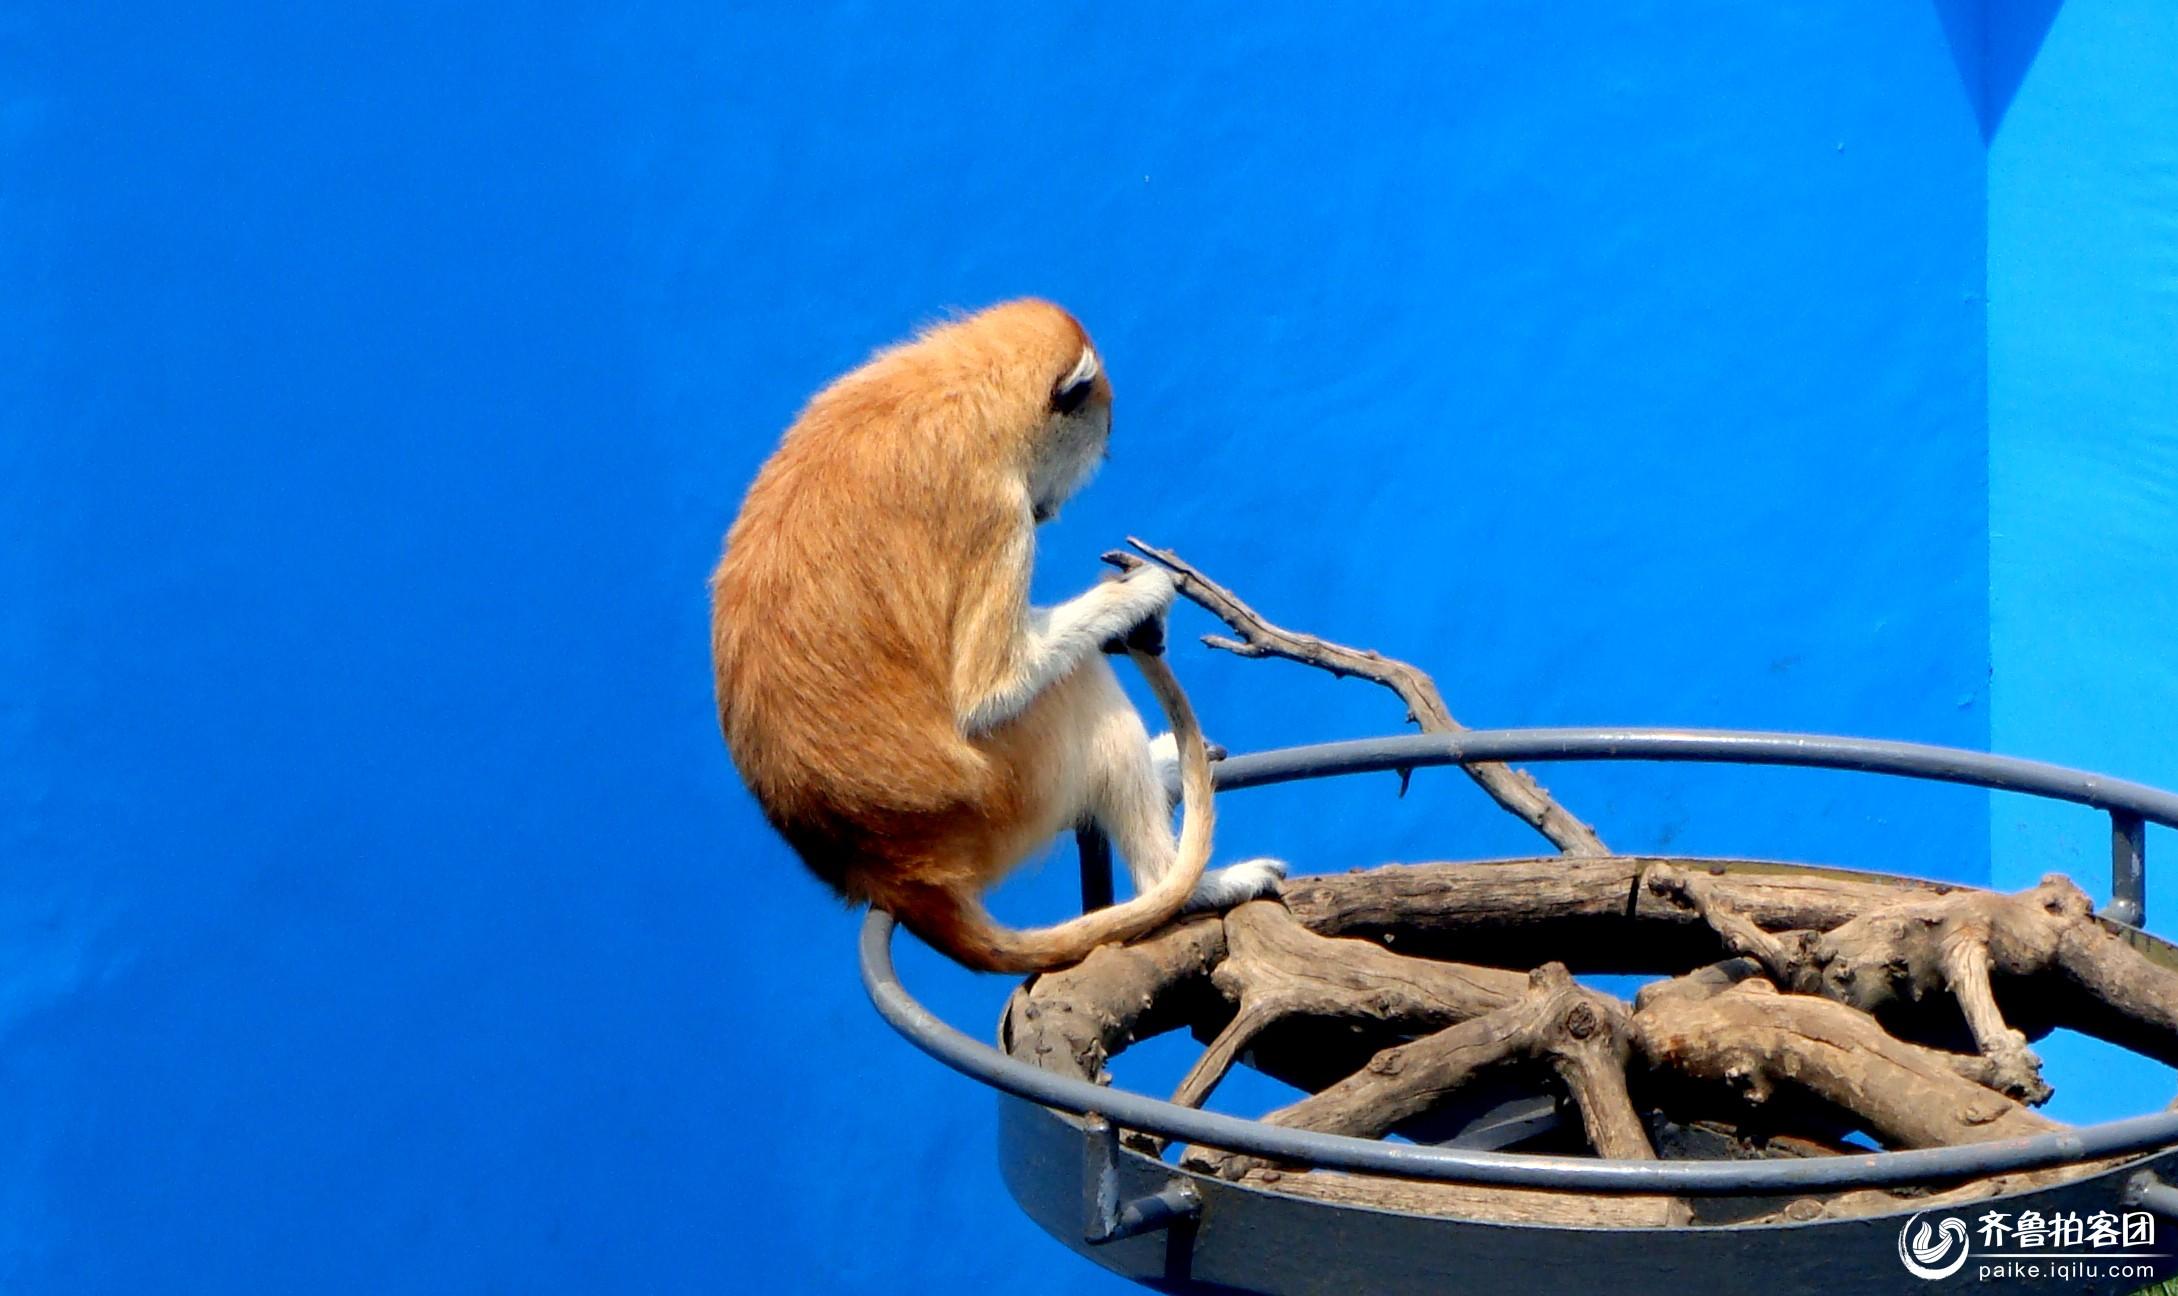 神雕山野生动物园 - 菏泽拍客 - 齐鲁社区 - 山东最大